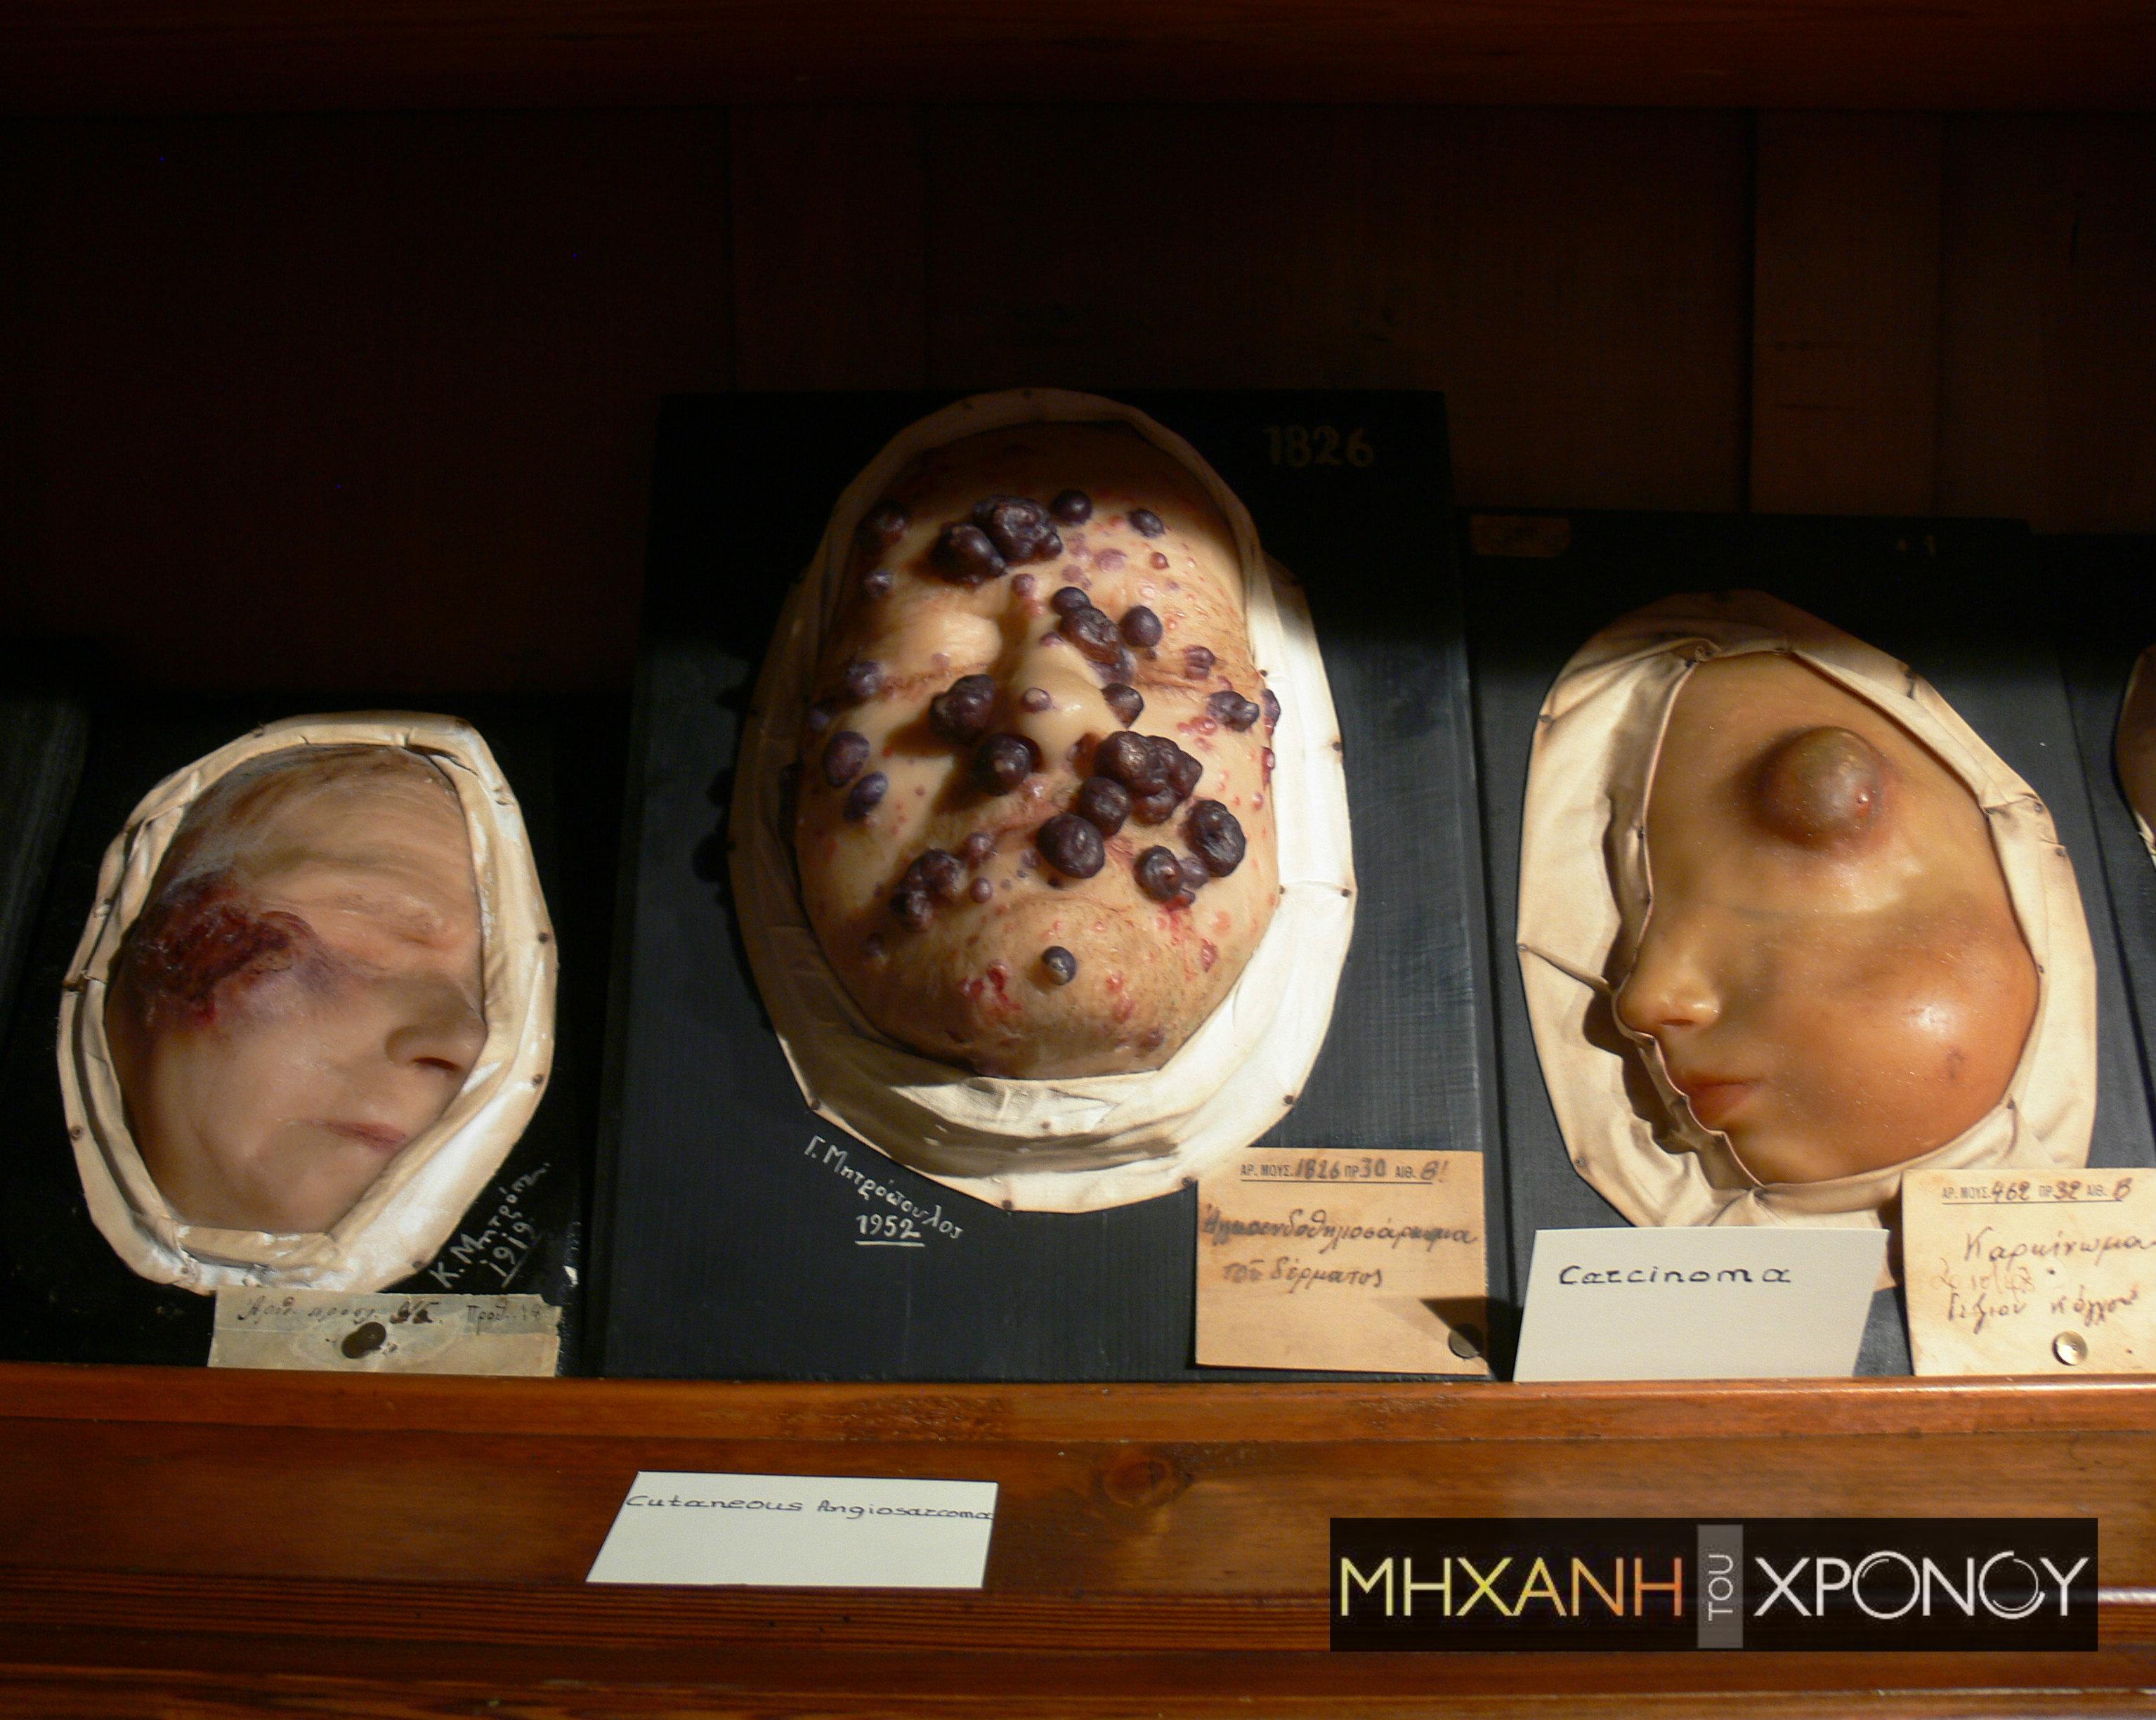 """Τα αφροδίσια νοσήματα στις αρχές του 20ου αι.μέσα από τα κέρινα ομοιώματα του νοσοκομείου """"Ανδρέας Συγγρός"""". Οι πρώτοι ασθενείς ήταν πόρνες και τραυματίες των βαλκανικών πολέμων. Προσοχή σκληρές εικόνες"""